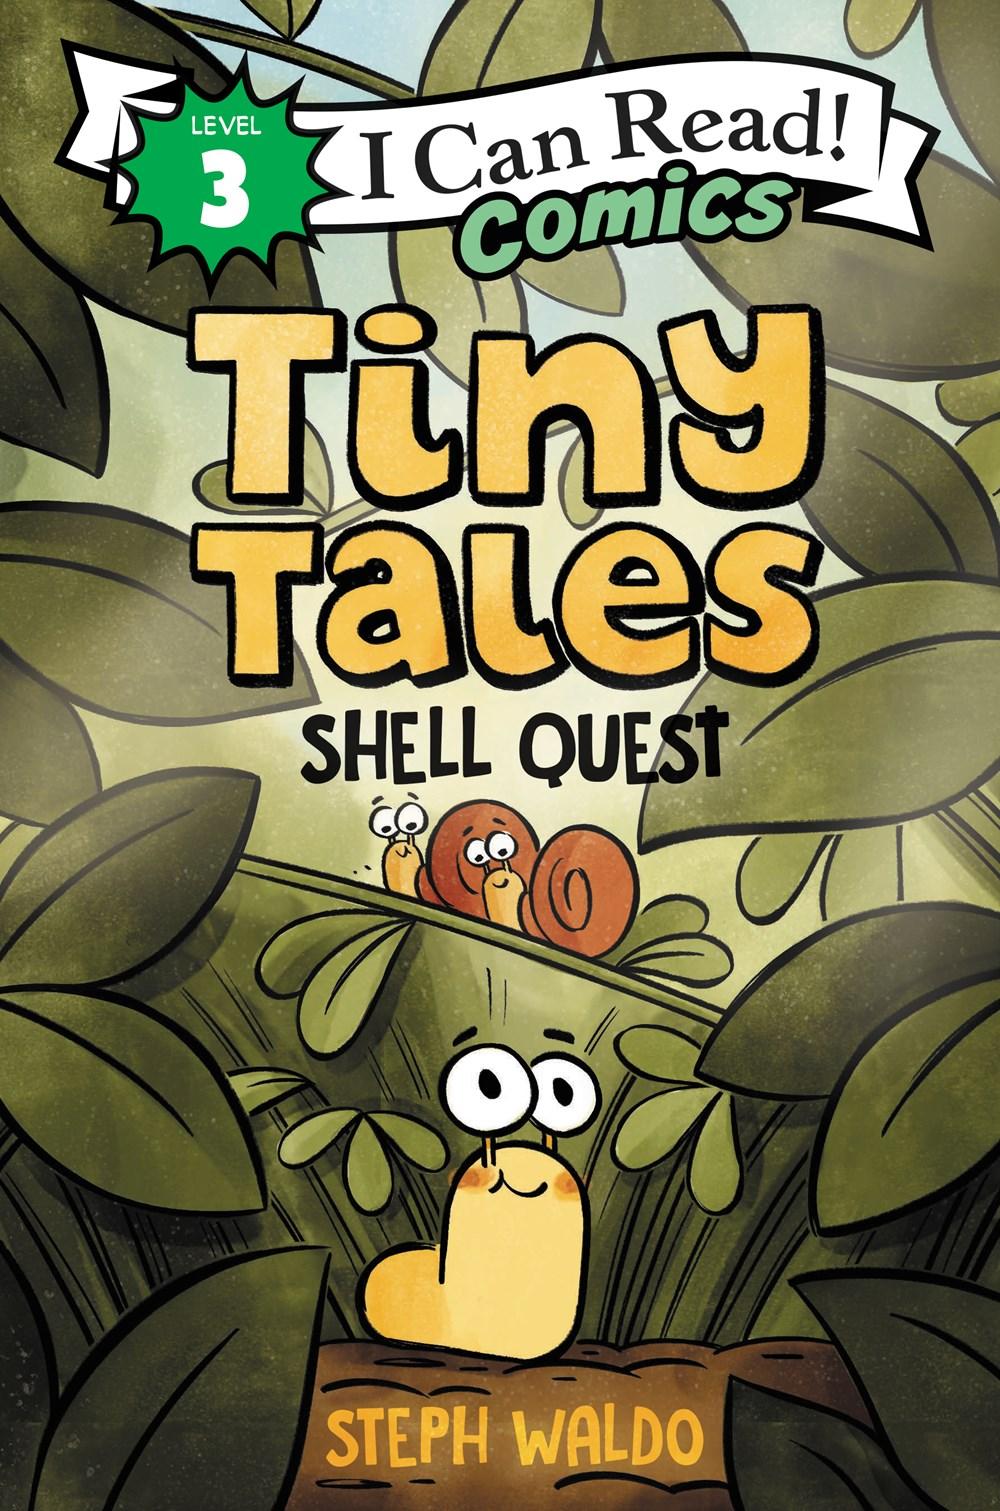 Tiny Tales by Steph Waldo